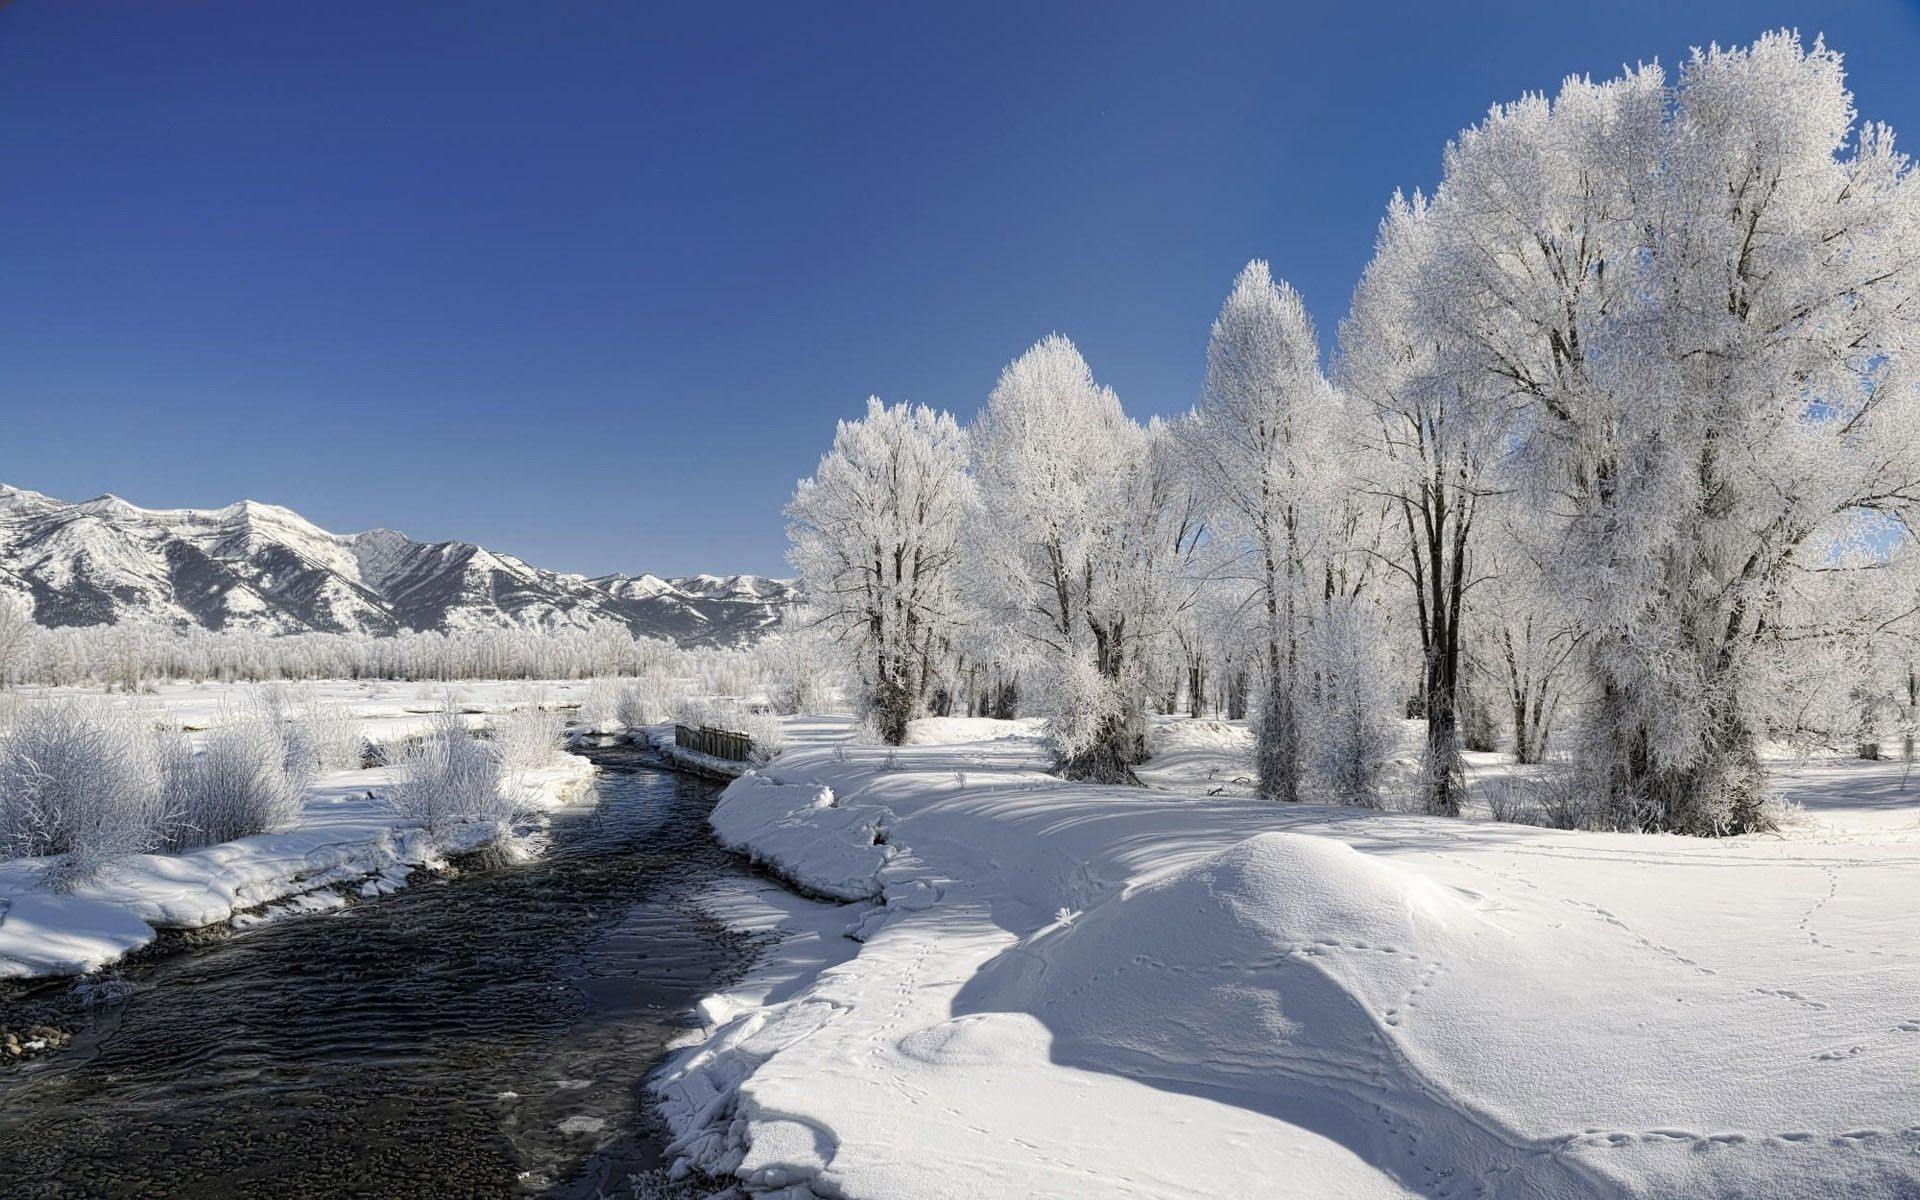 речка мороз зима the river frost winter  № 456318 бесплатно